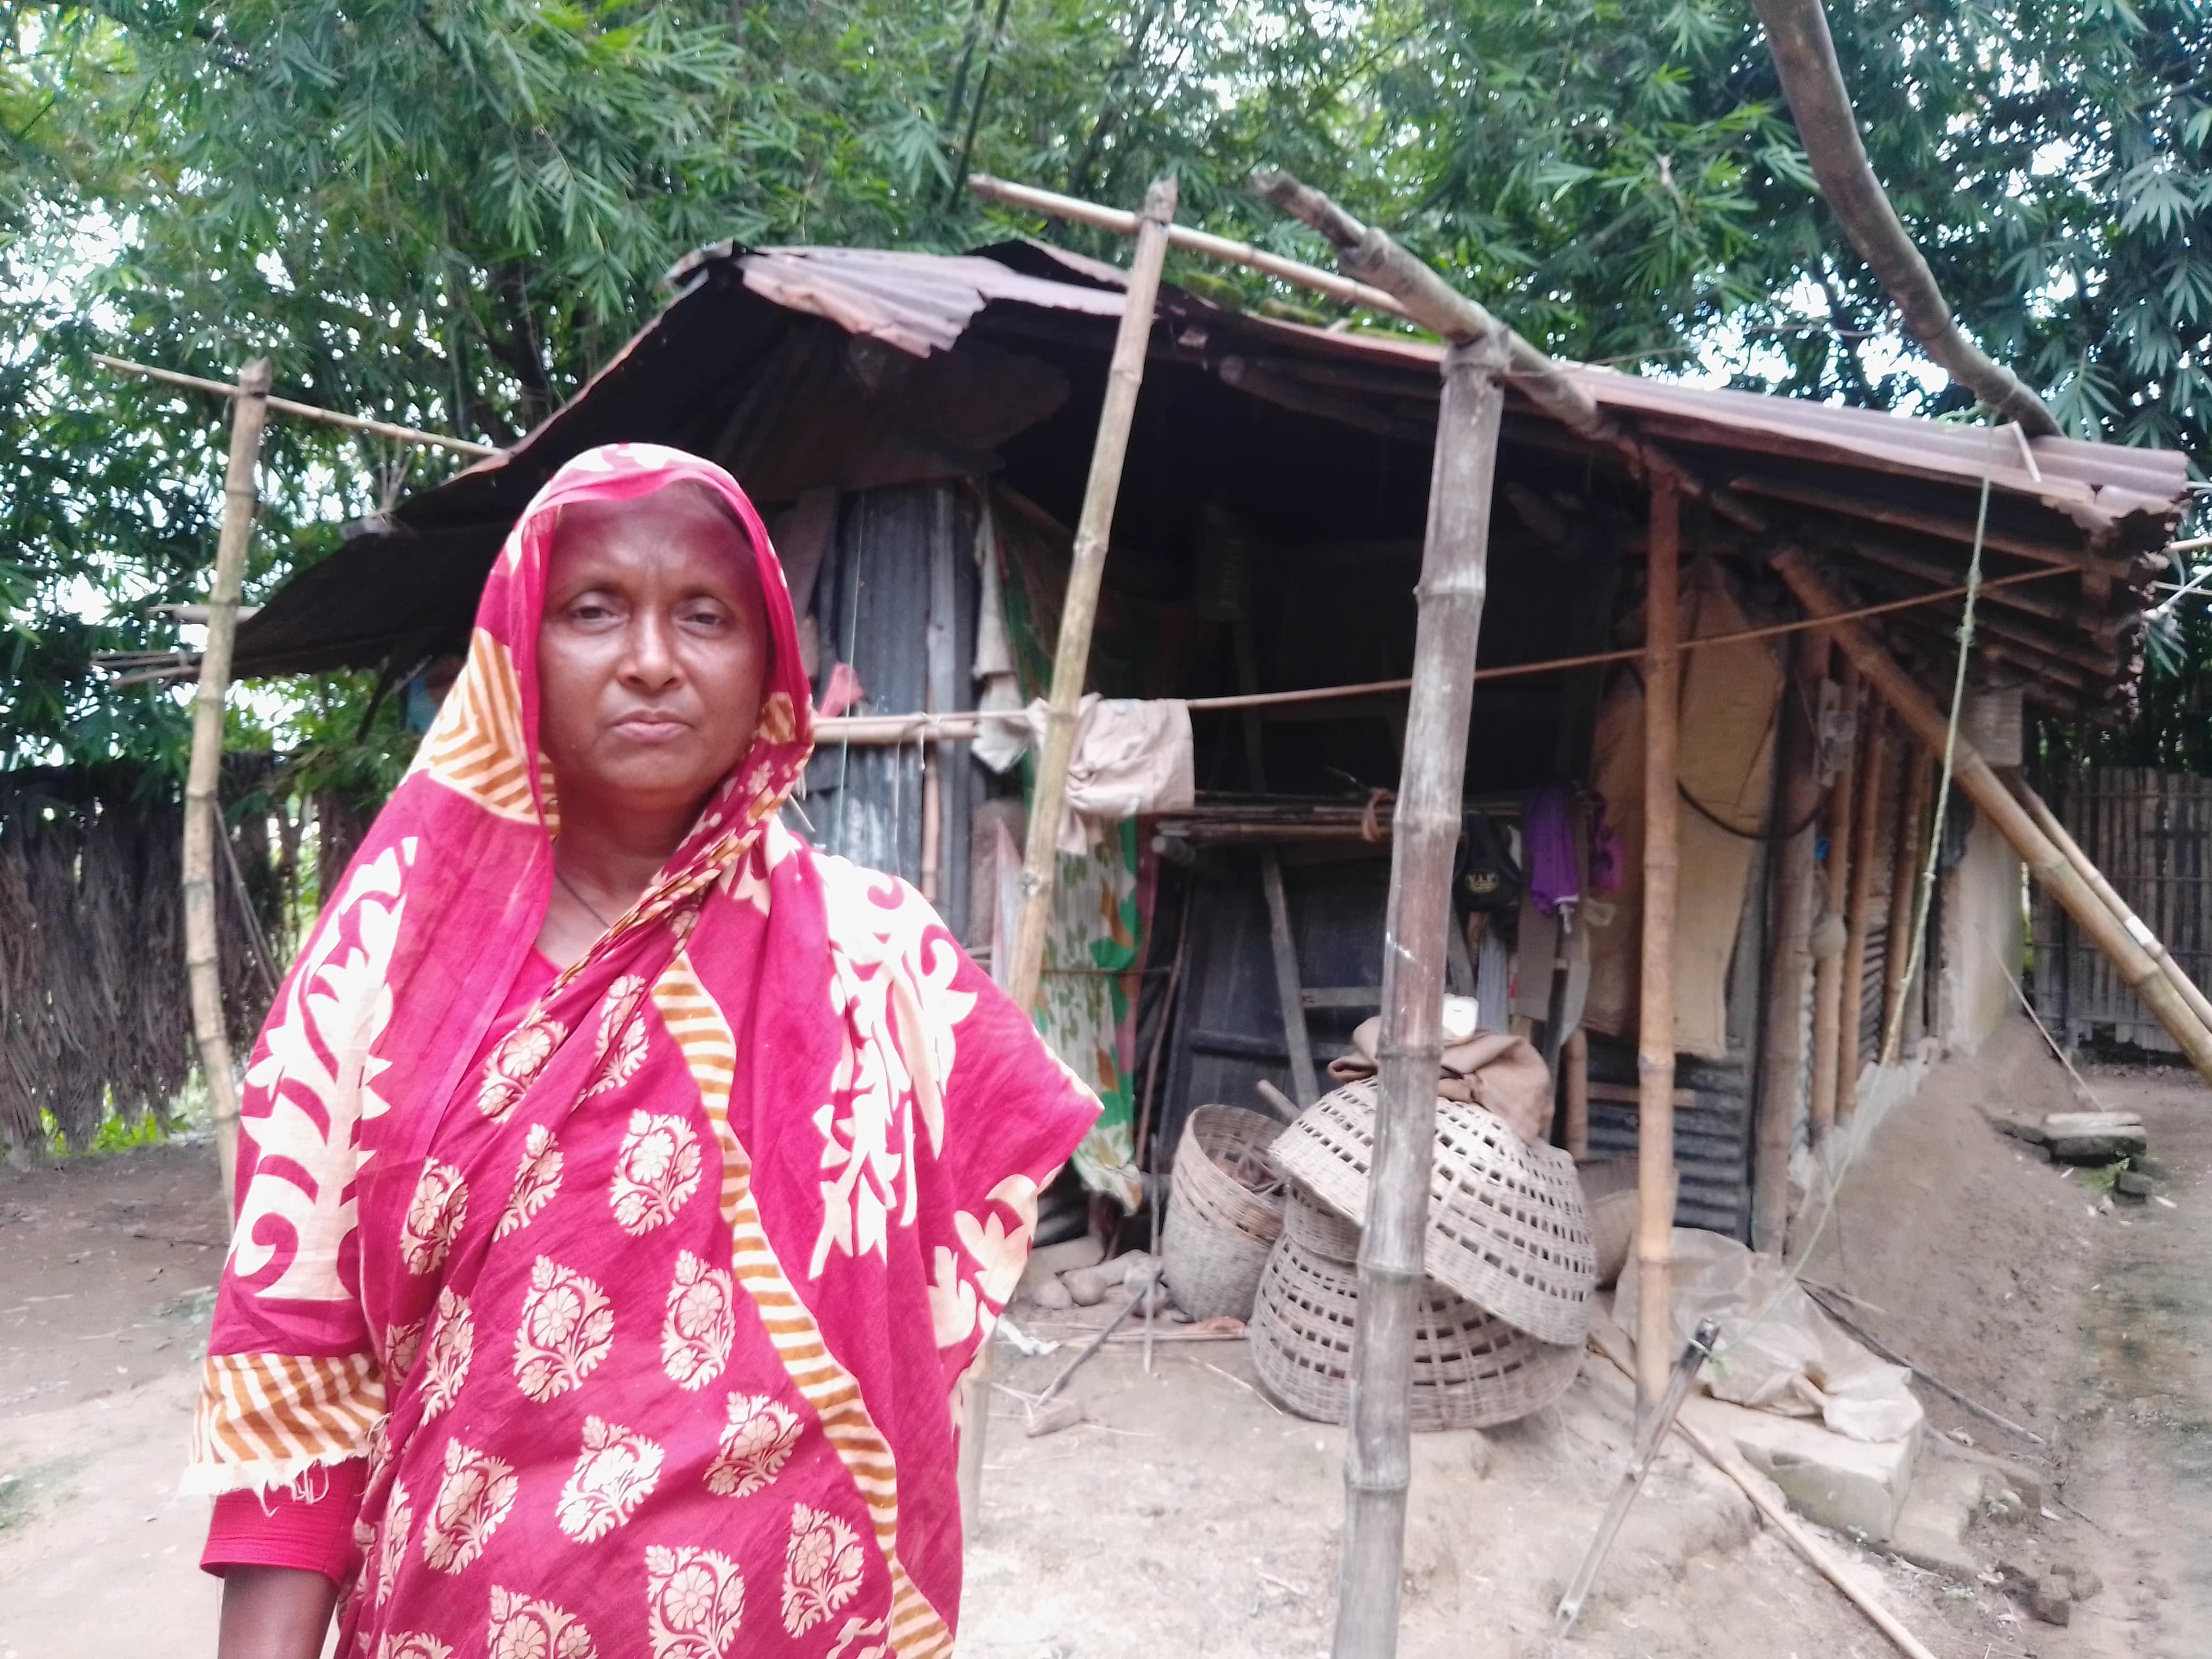 কমলগঞ্জে একটি ঘরের জন্য প্রতিবন্ধি নারীর আহাজারী